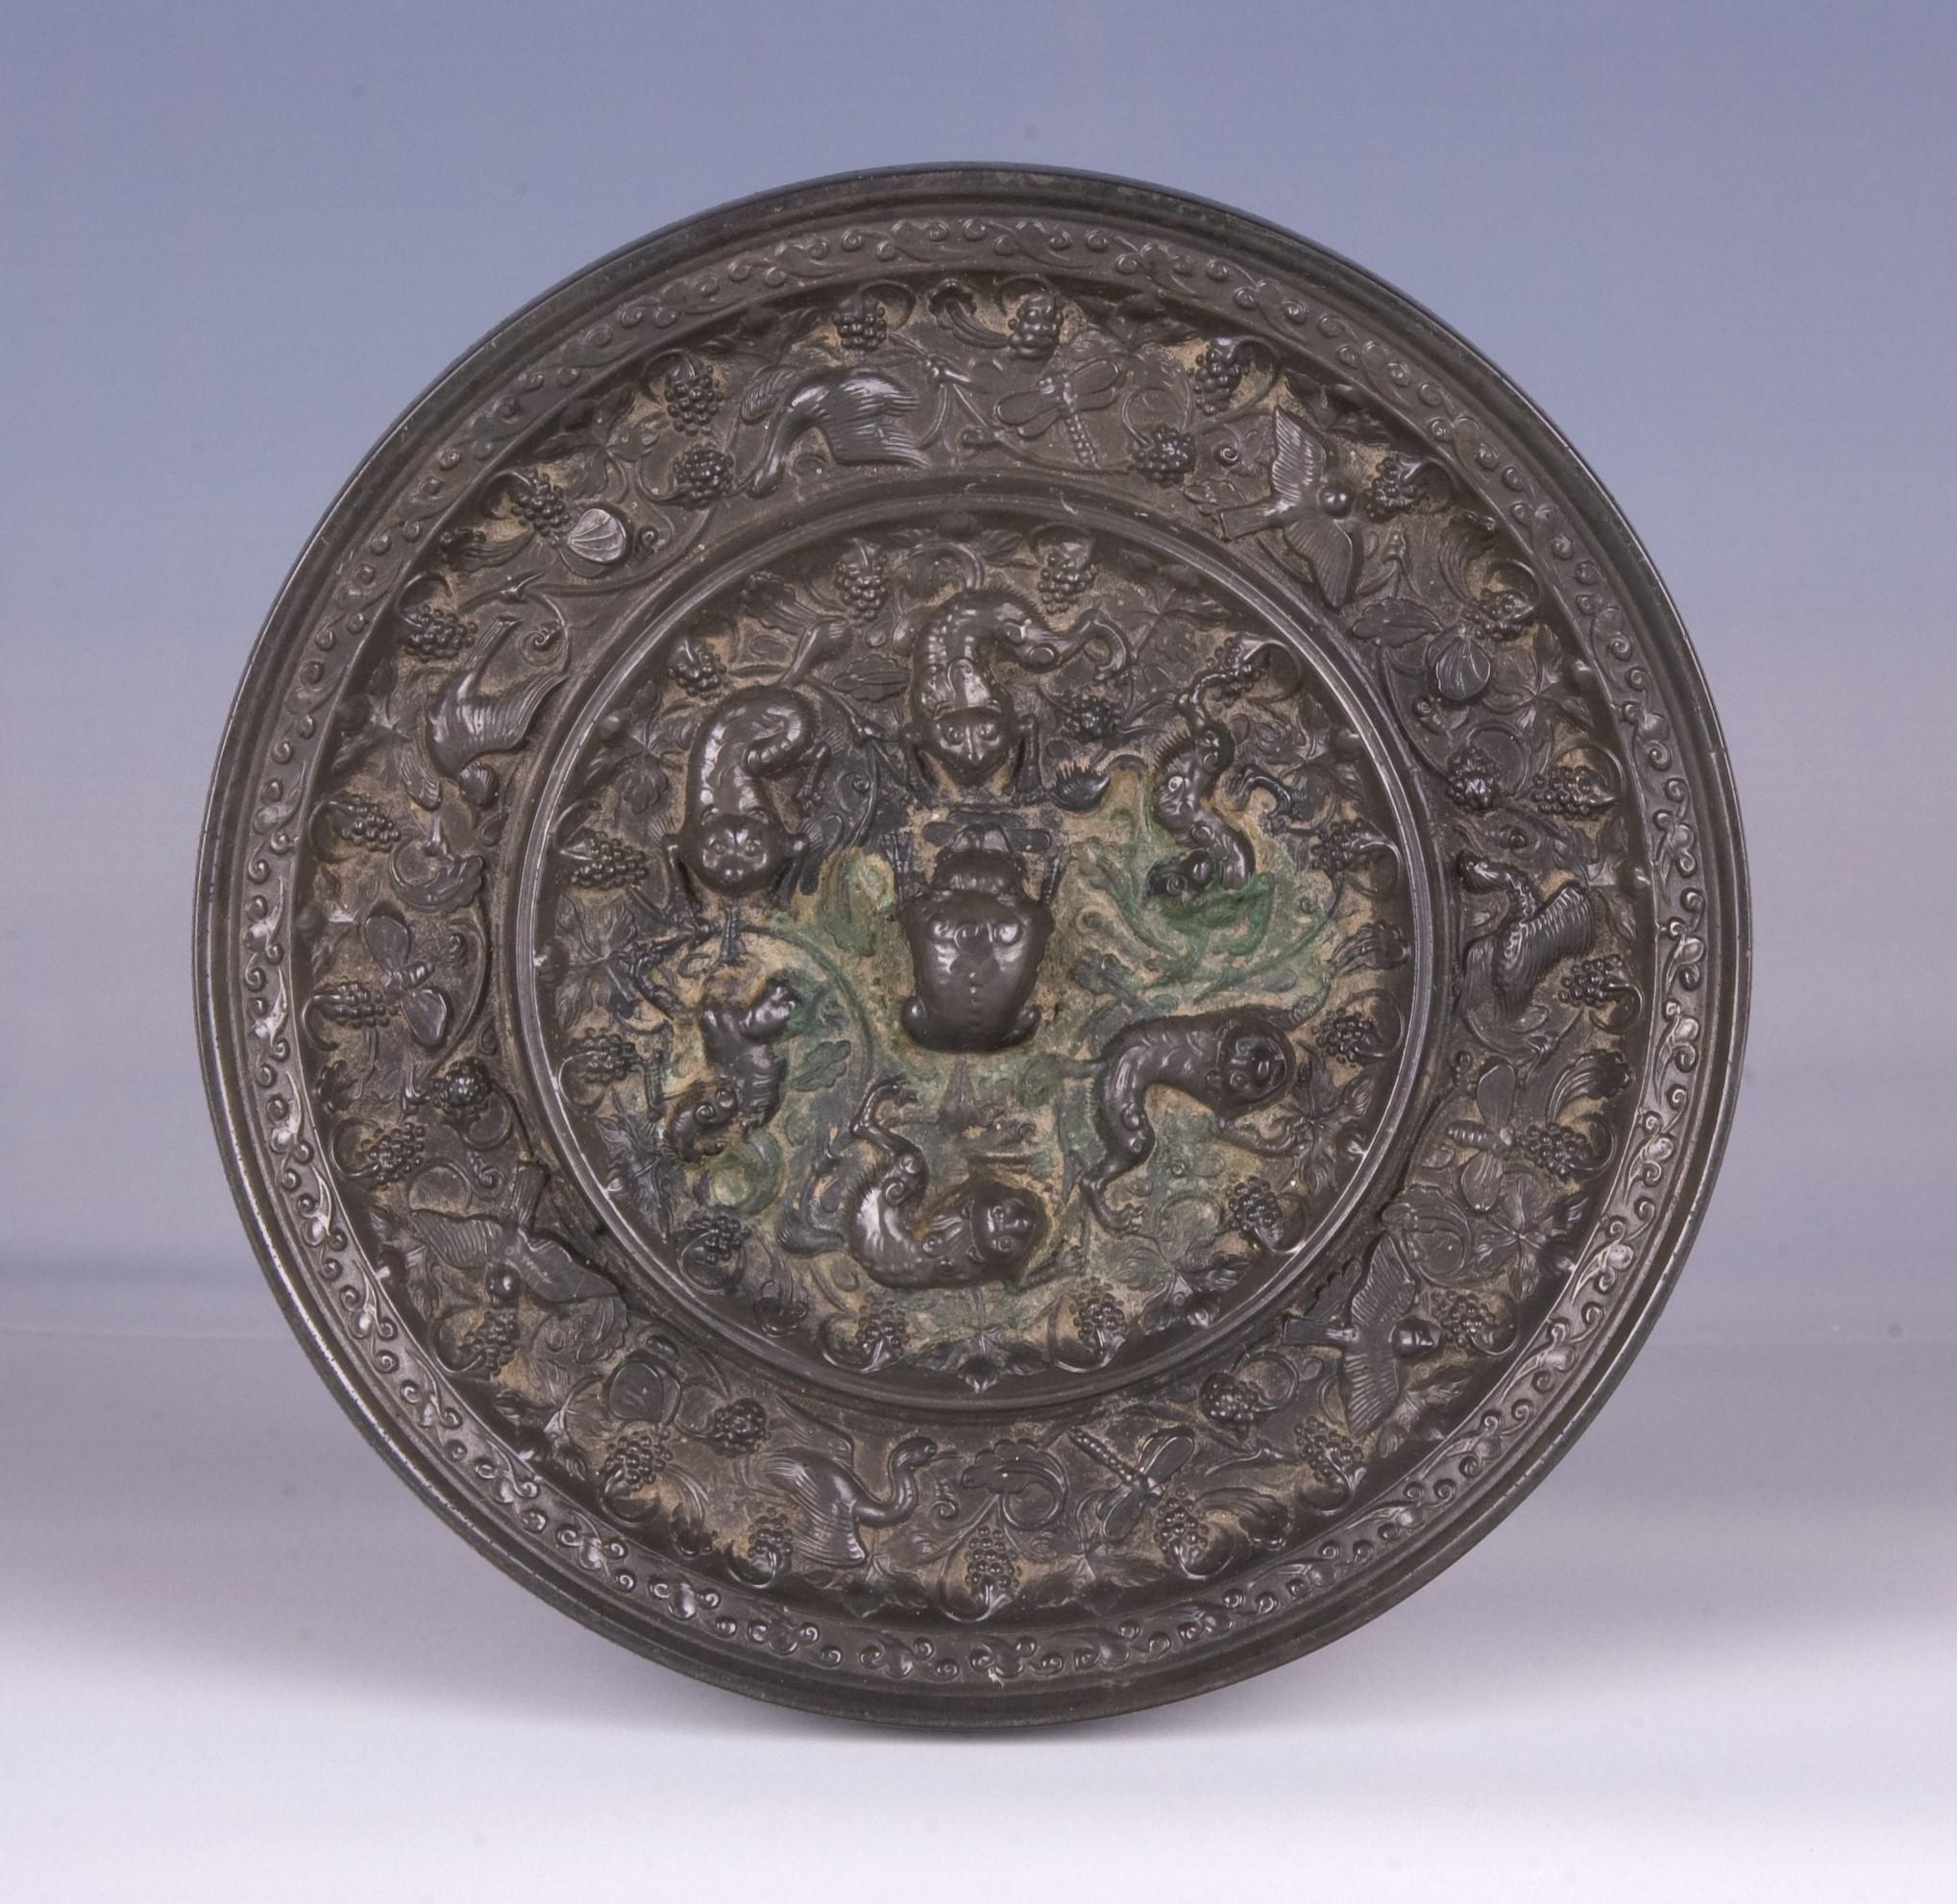 唐瑞兽葡萄纹铜镜1.jpg